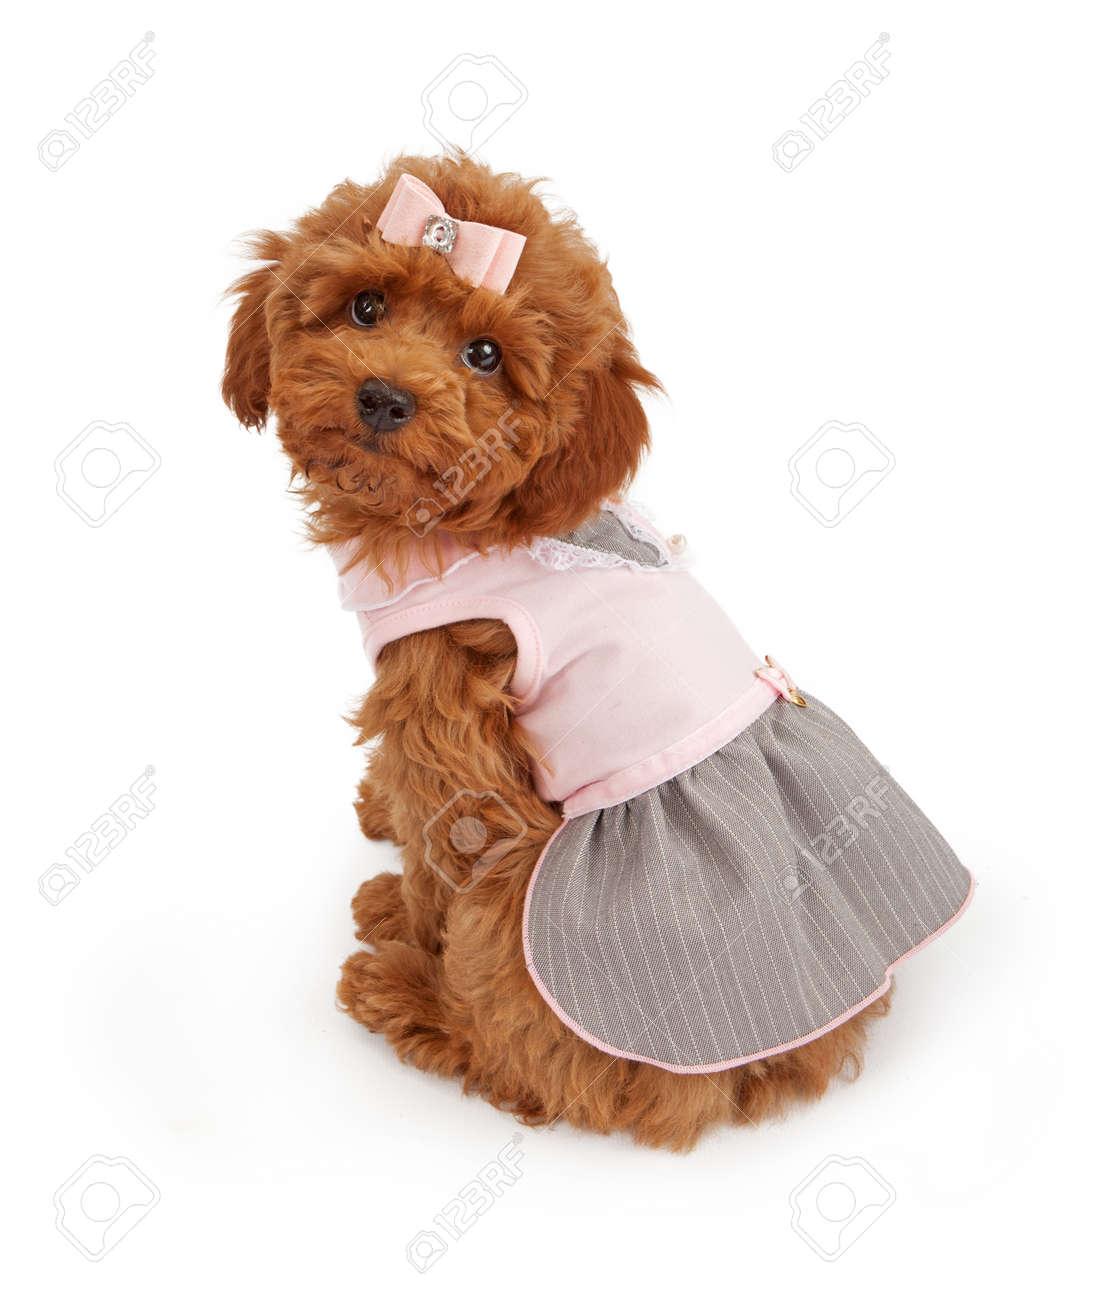 Eine Entzückende Pudel Welpe Trägt Eine Rosa Kleid Weiß Sitzen Vor ...